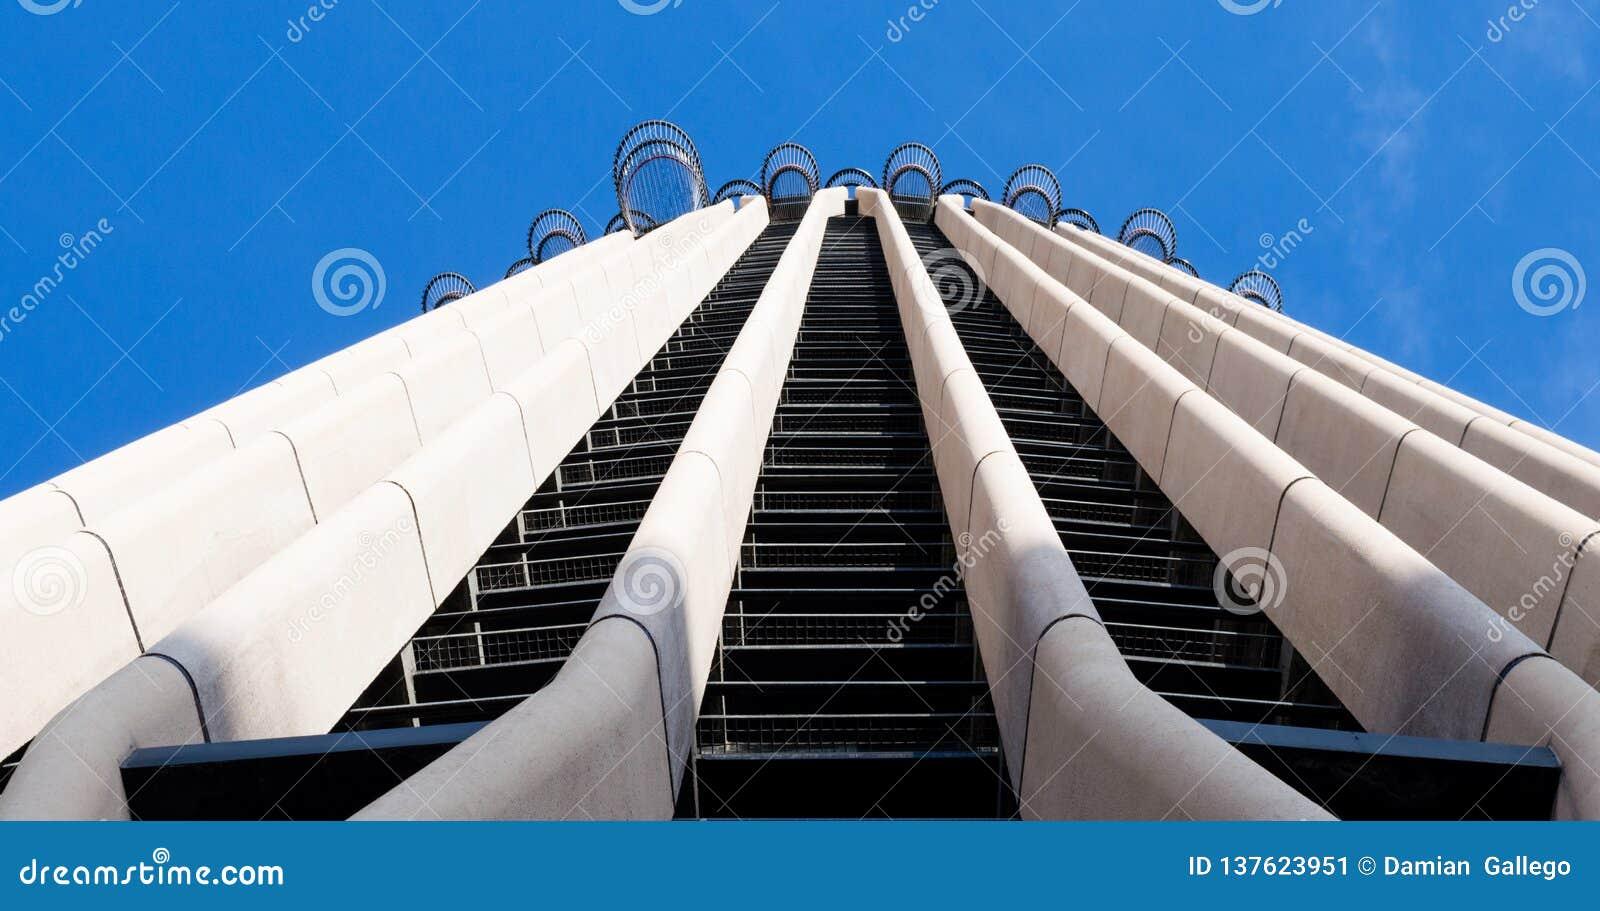 Stäng sig upp av Torre Europaskyskrapa bland topp 10 mest högväxt byggnader i Madrid, Spanien